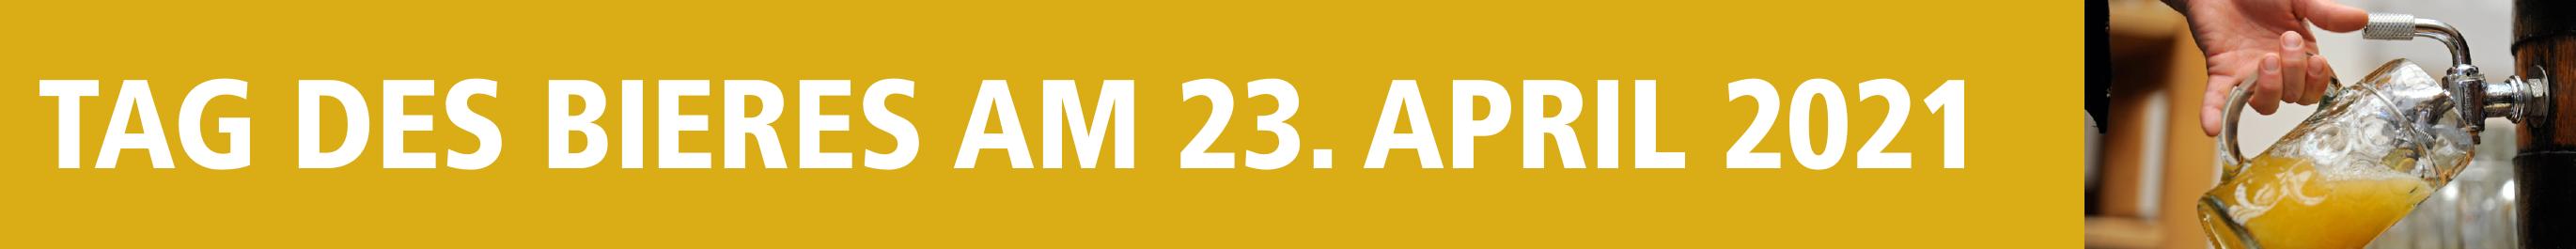 Tag des Bieres am 23. April 2021 Image 1